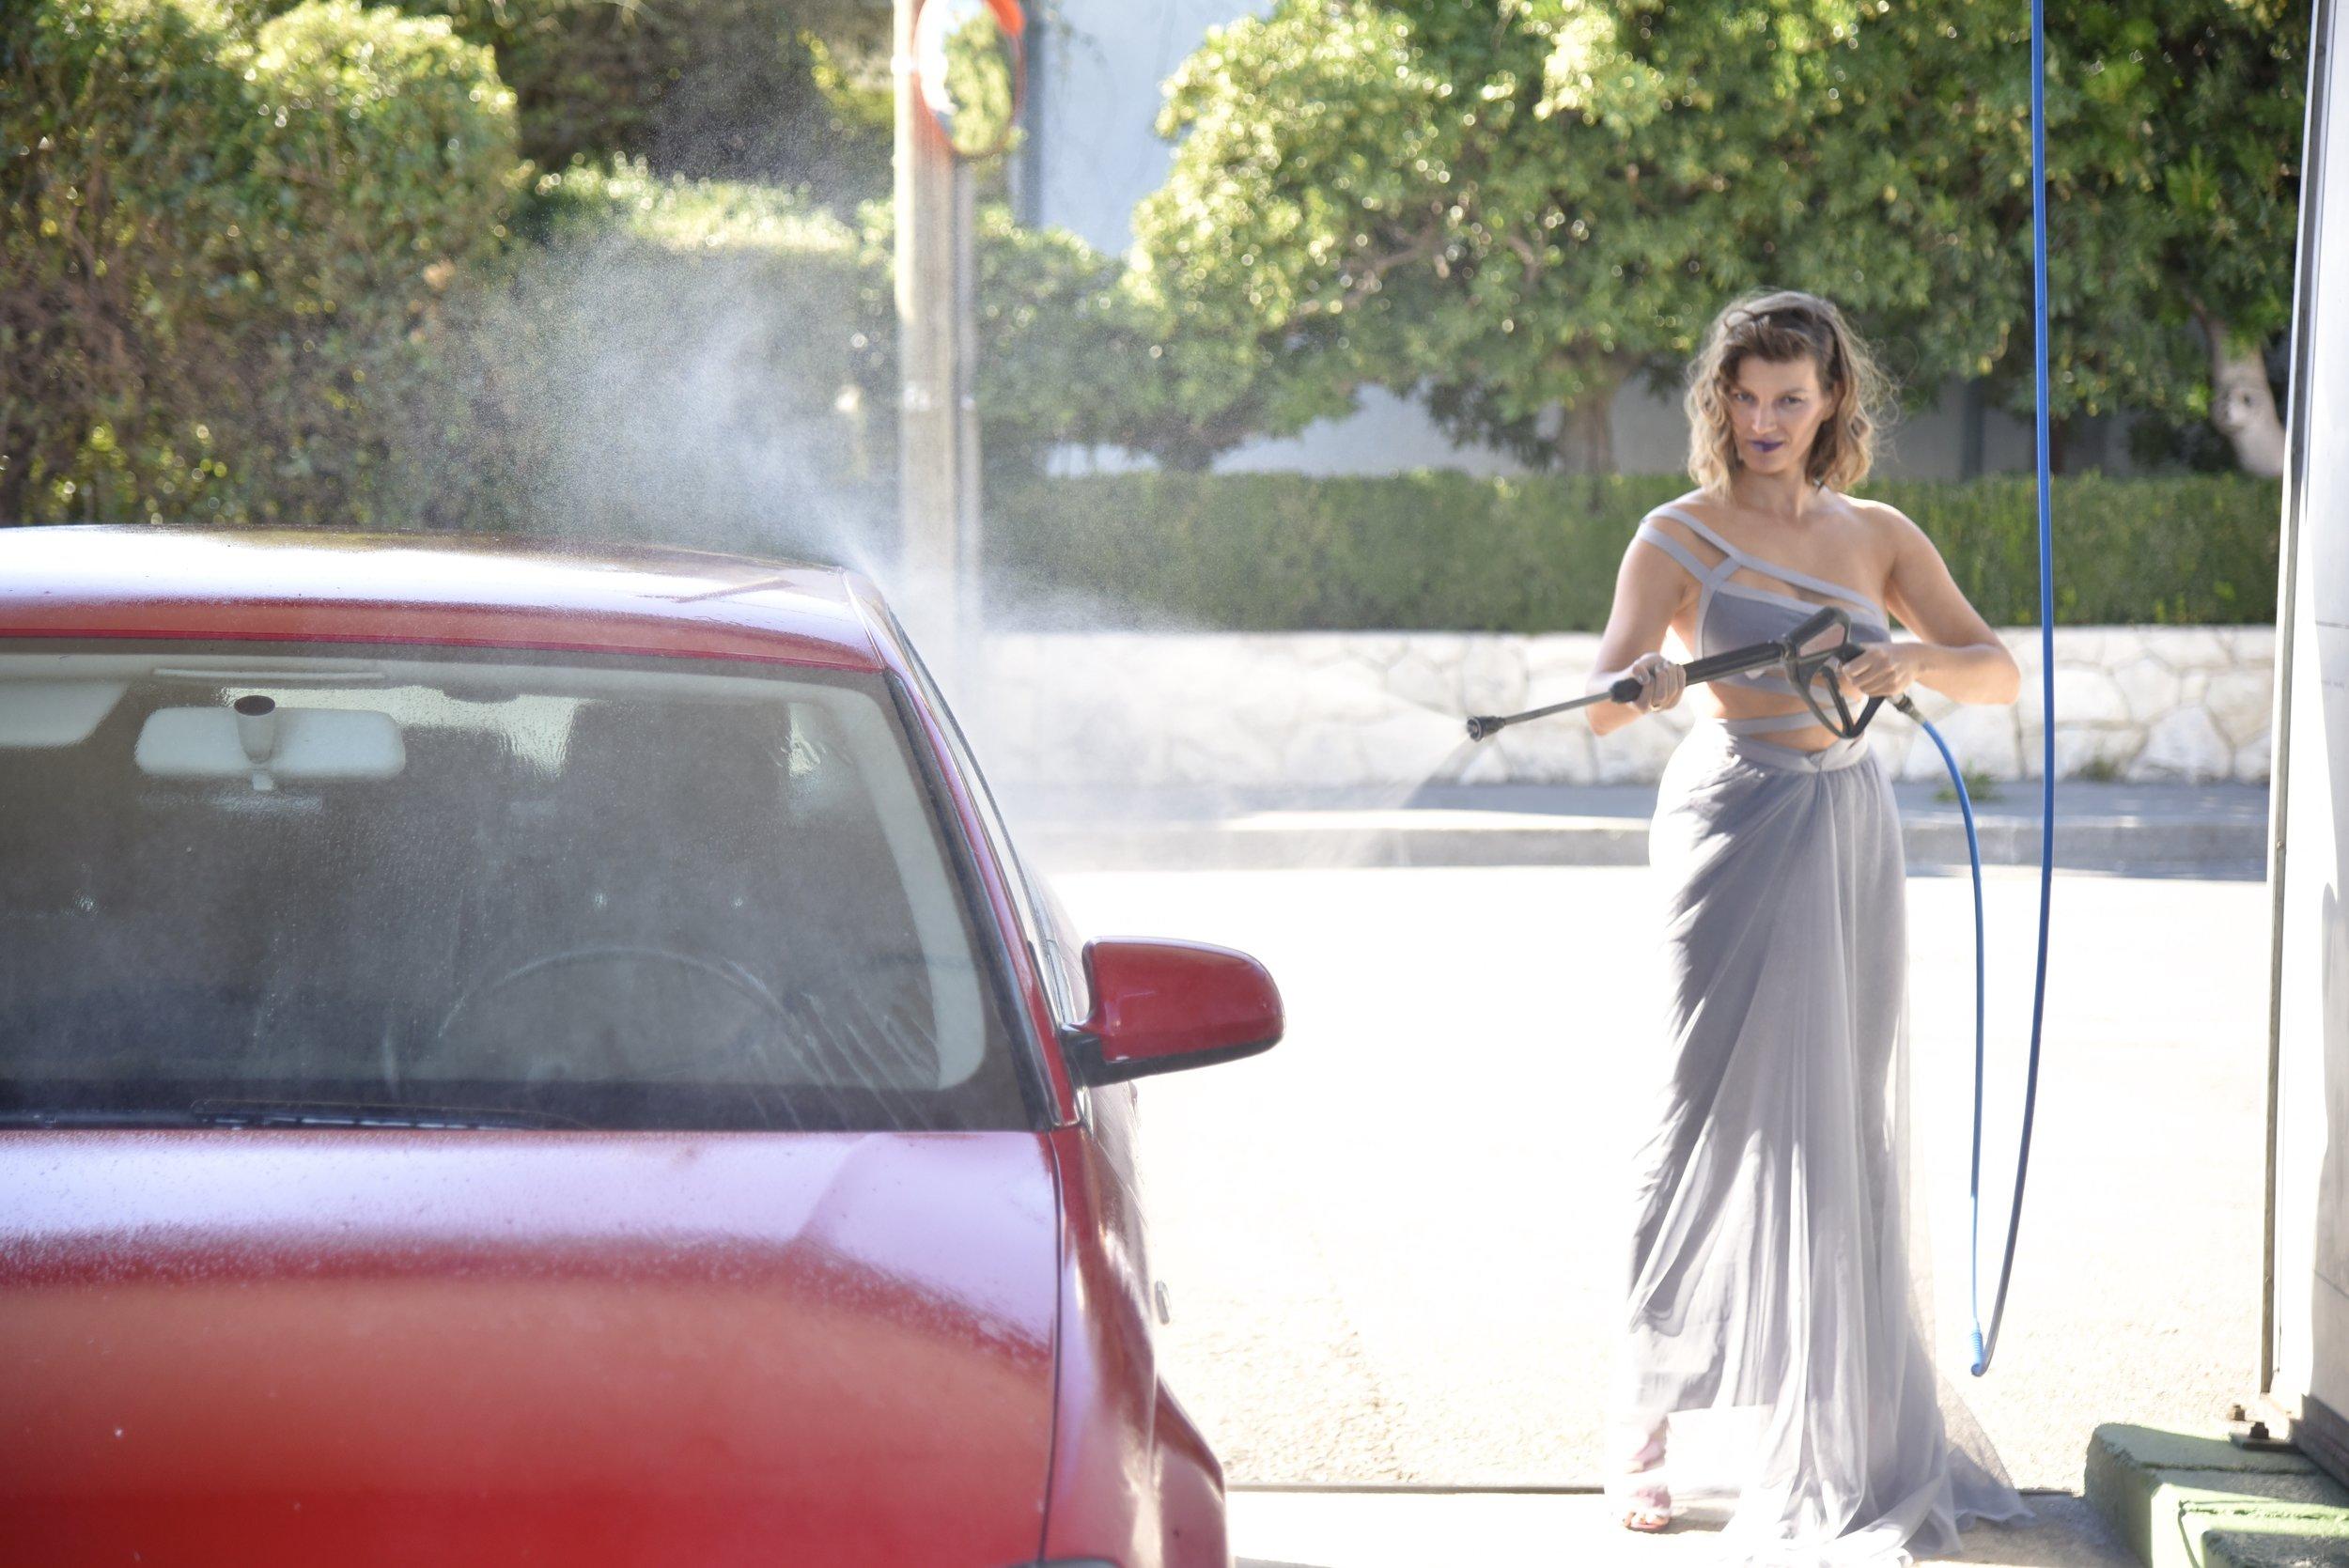 Glamorous car washing